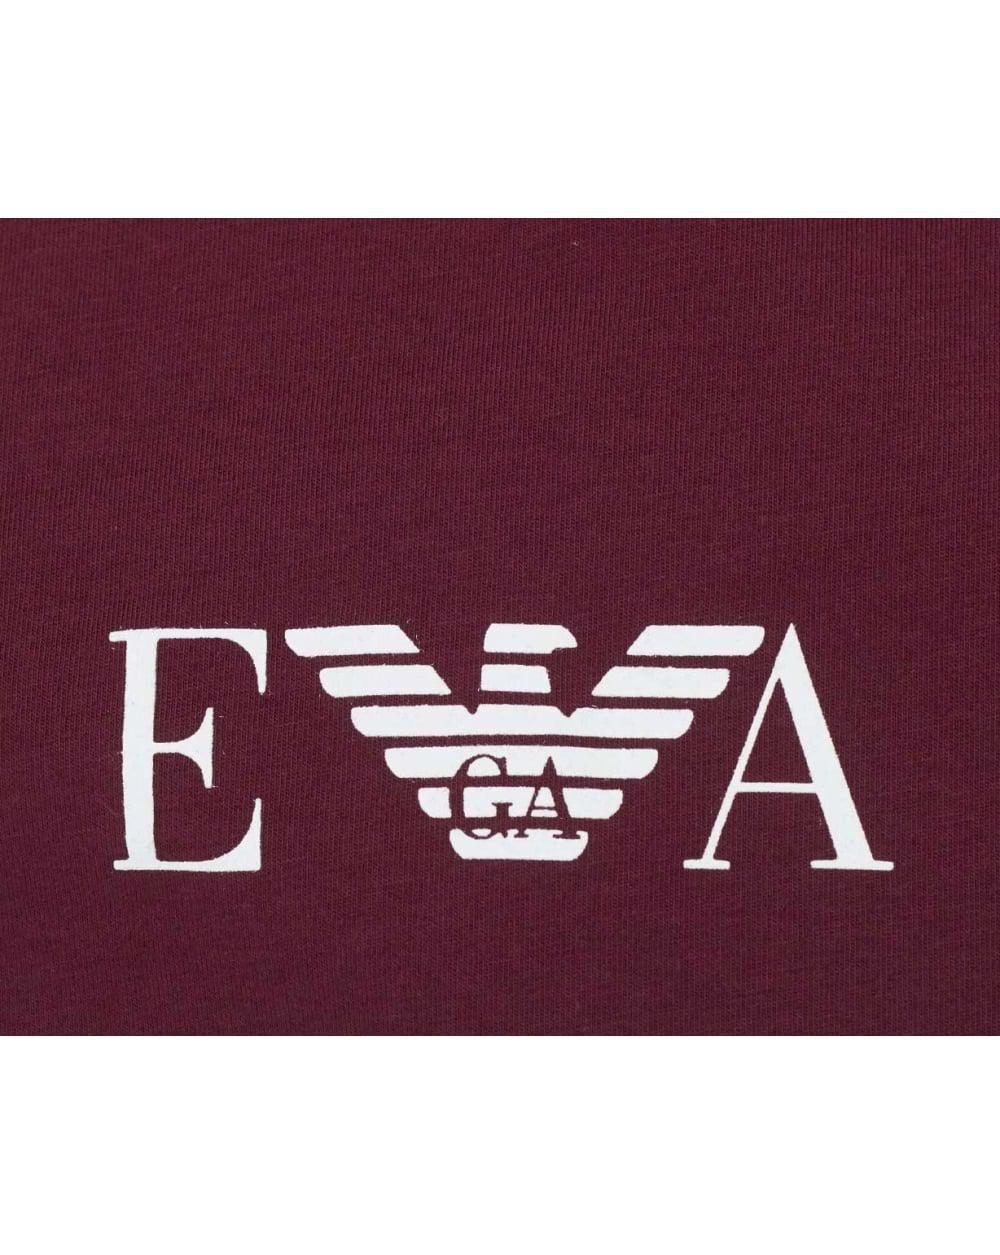 Emporio armani ea centre logo crew neck in purple for men - Emporio giorgio armani logo ...